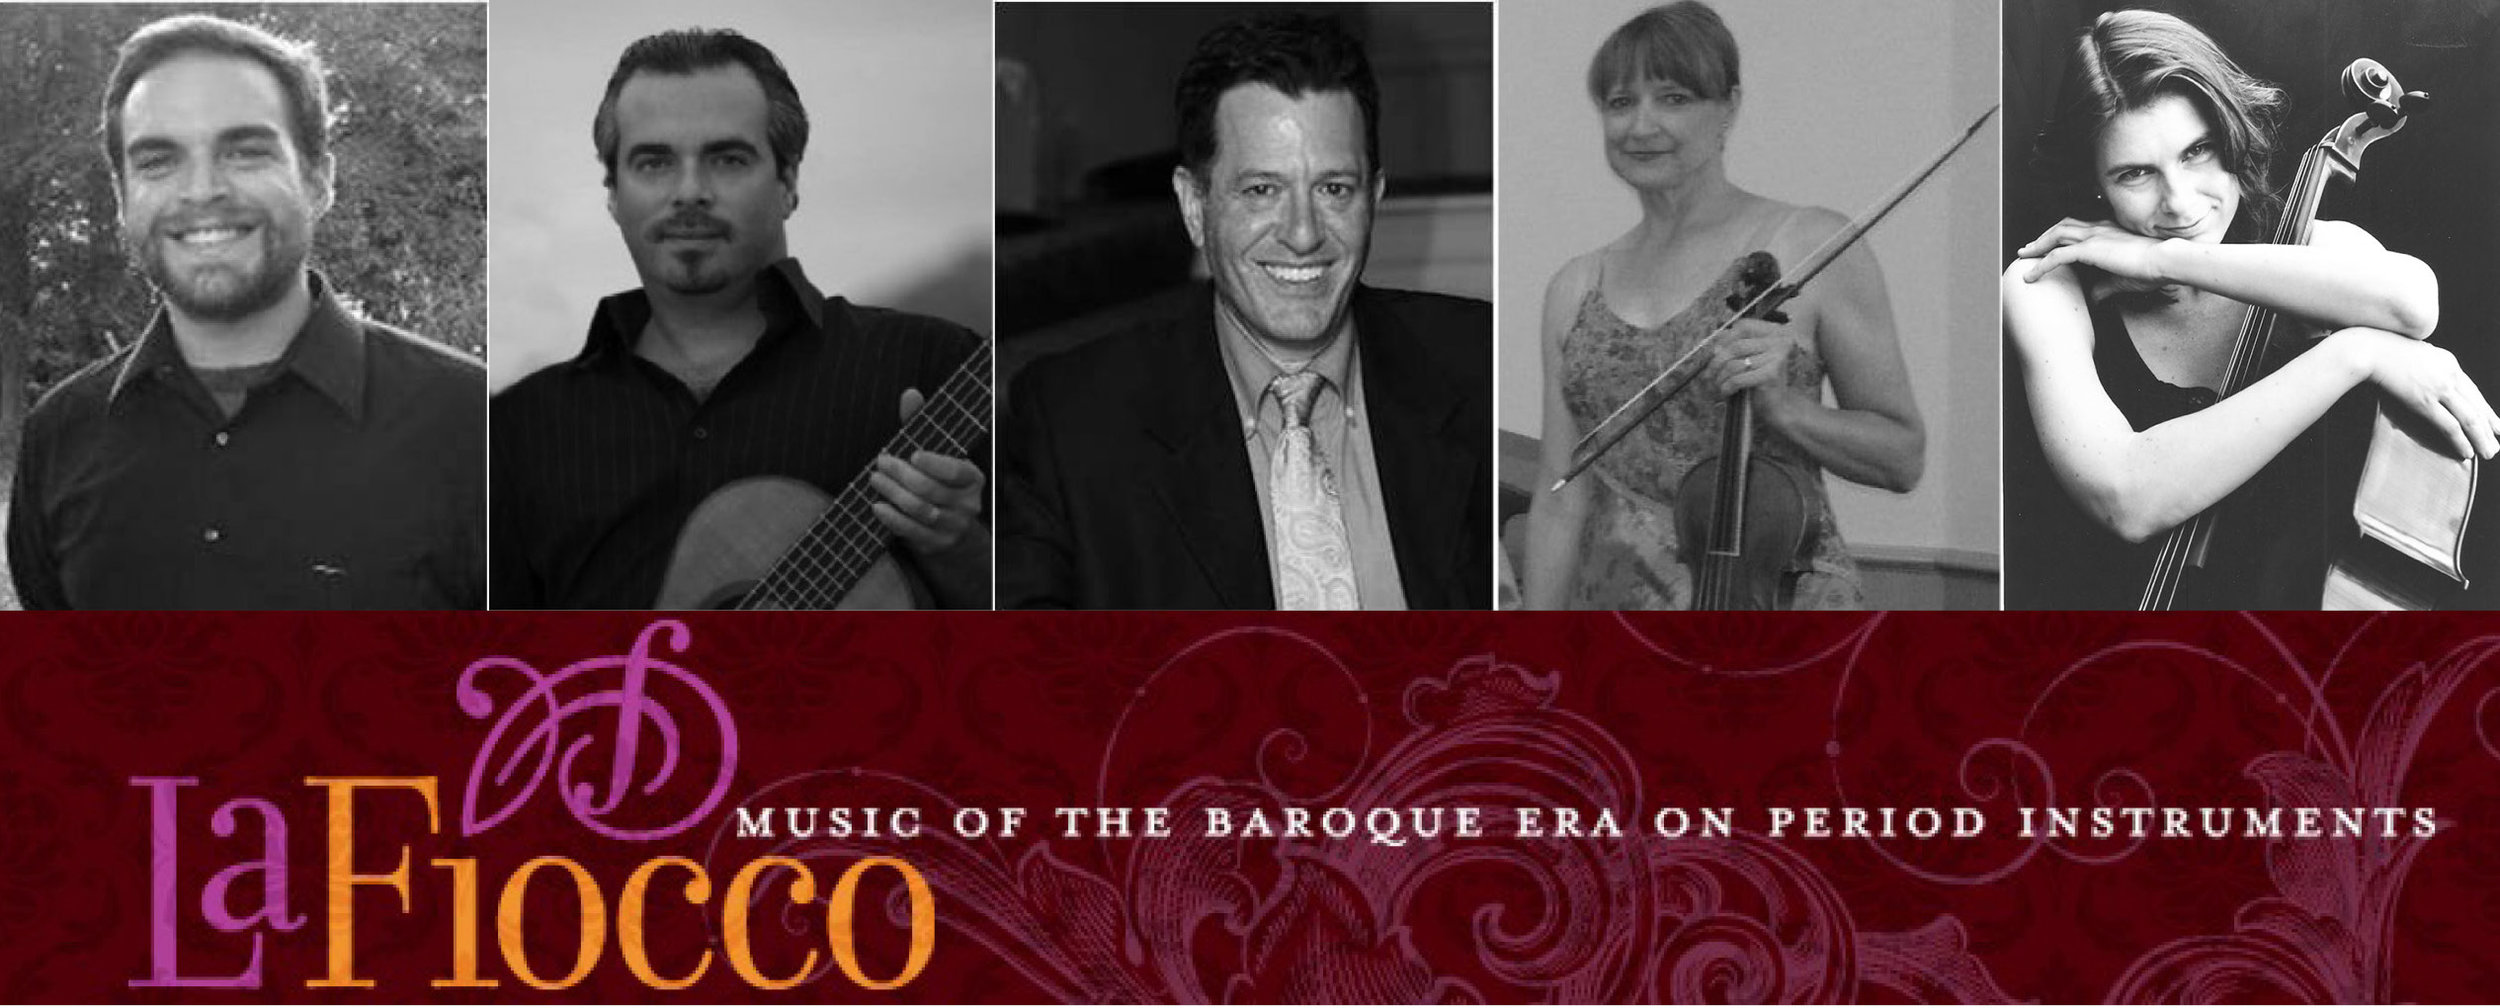 La Fiocco musicians.jpg